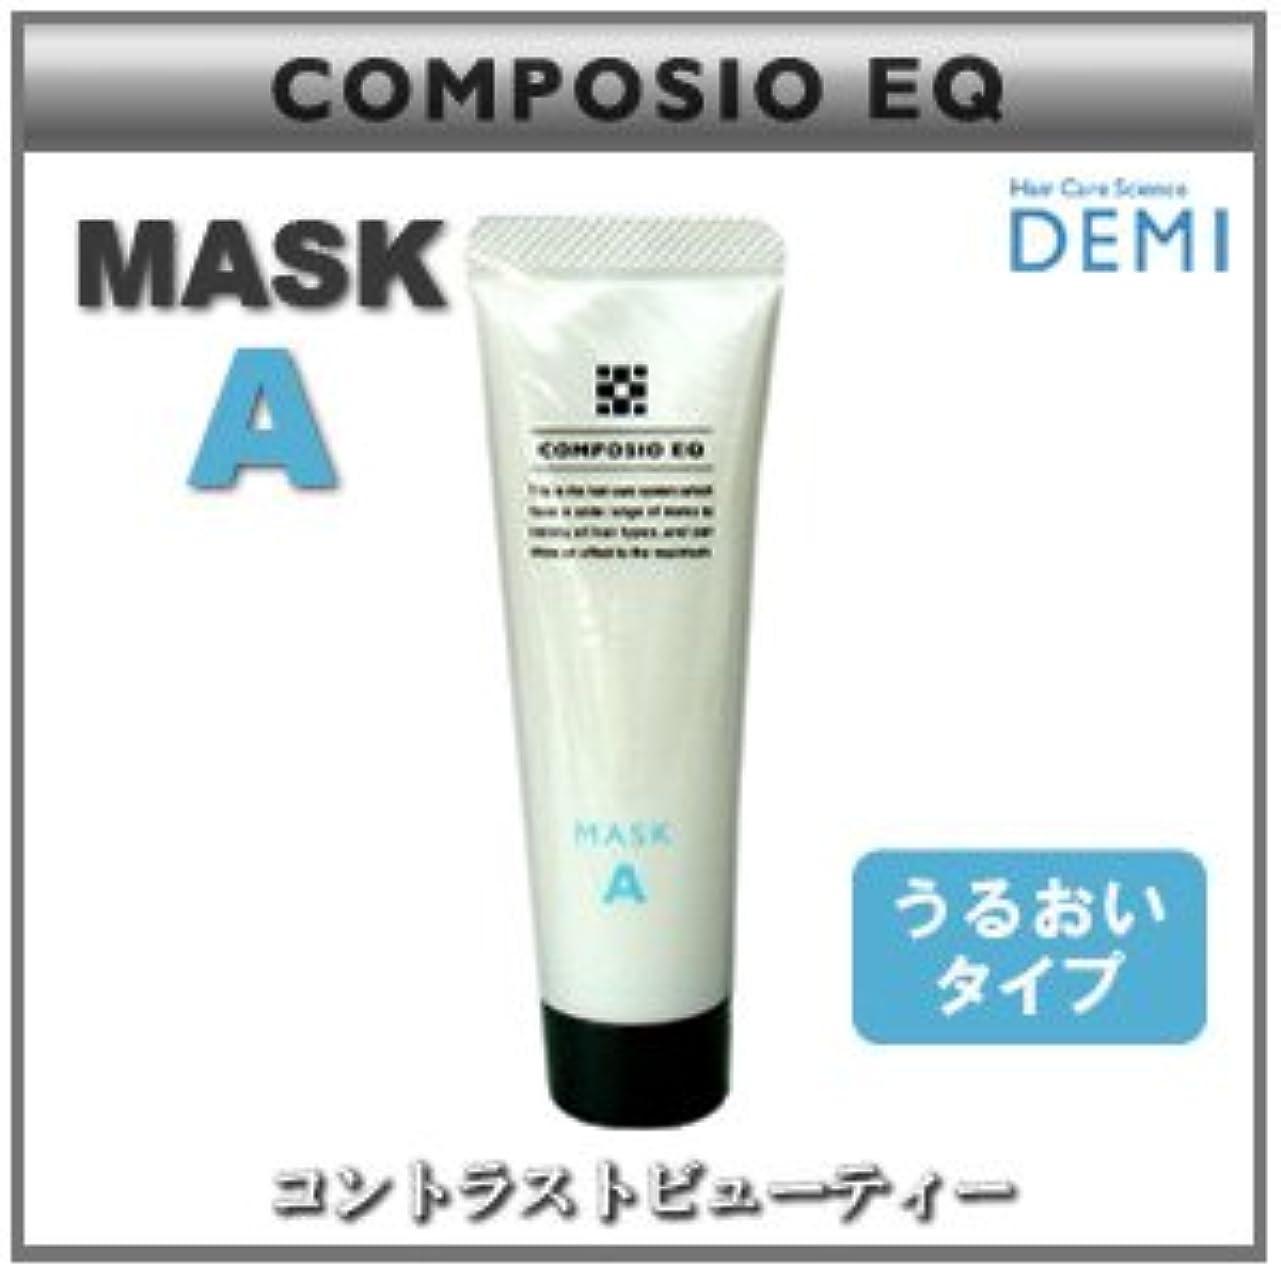 真鍮海多様体【X4個セット】 デミ コンポジオ EQ マスク A 50g